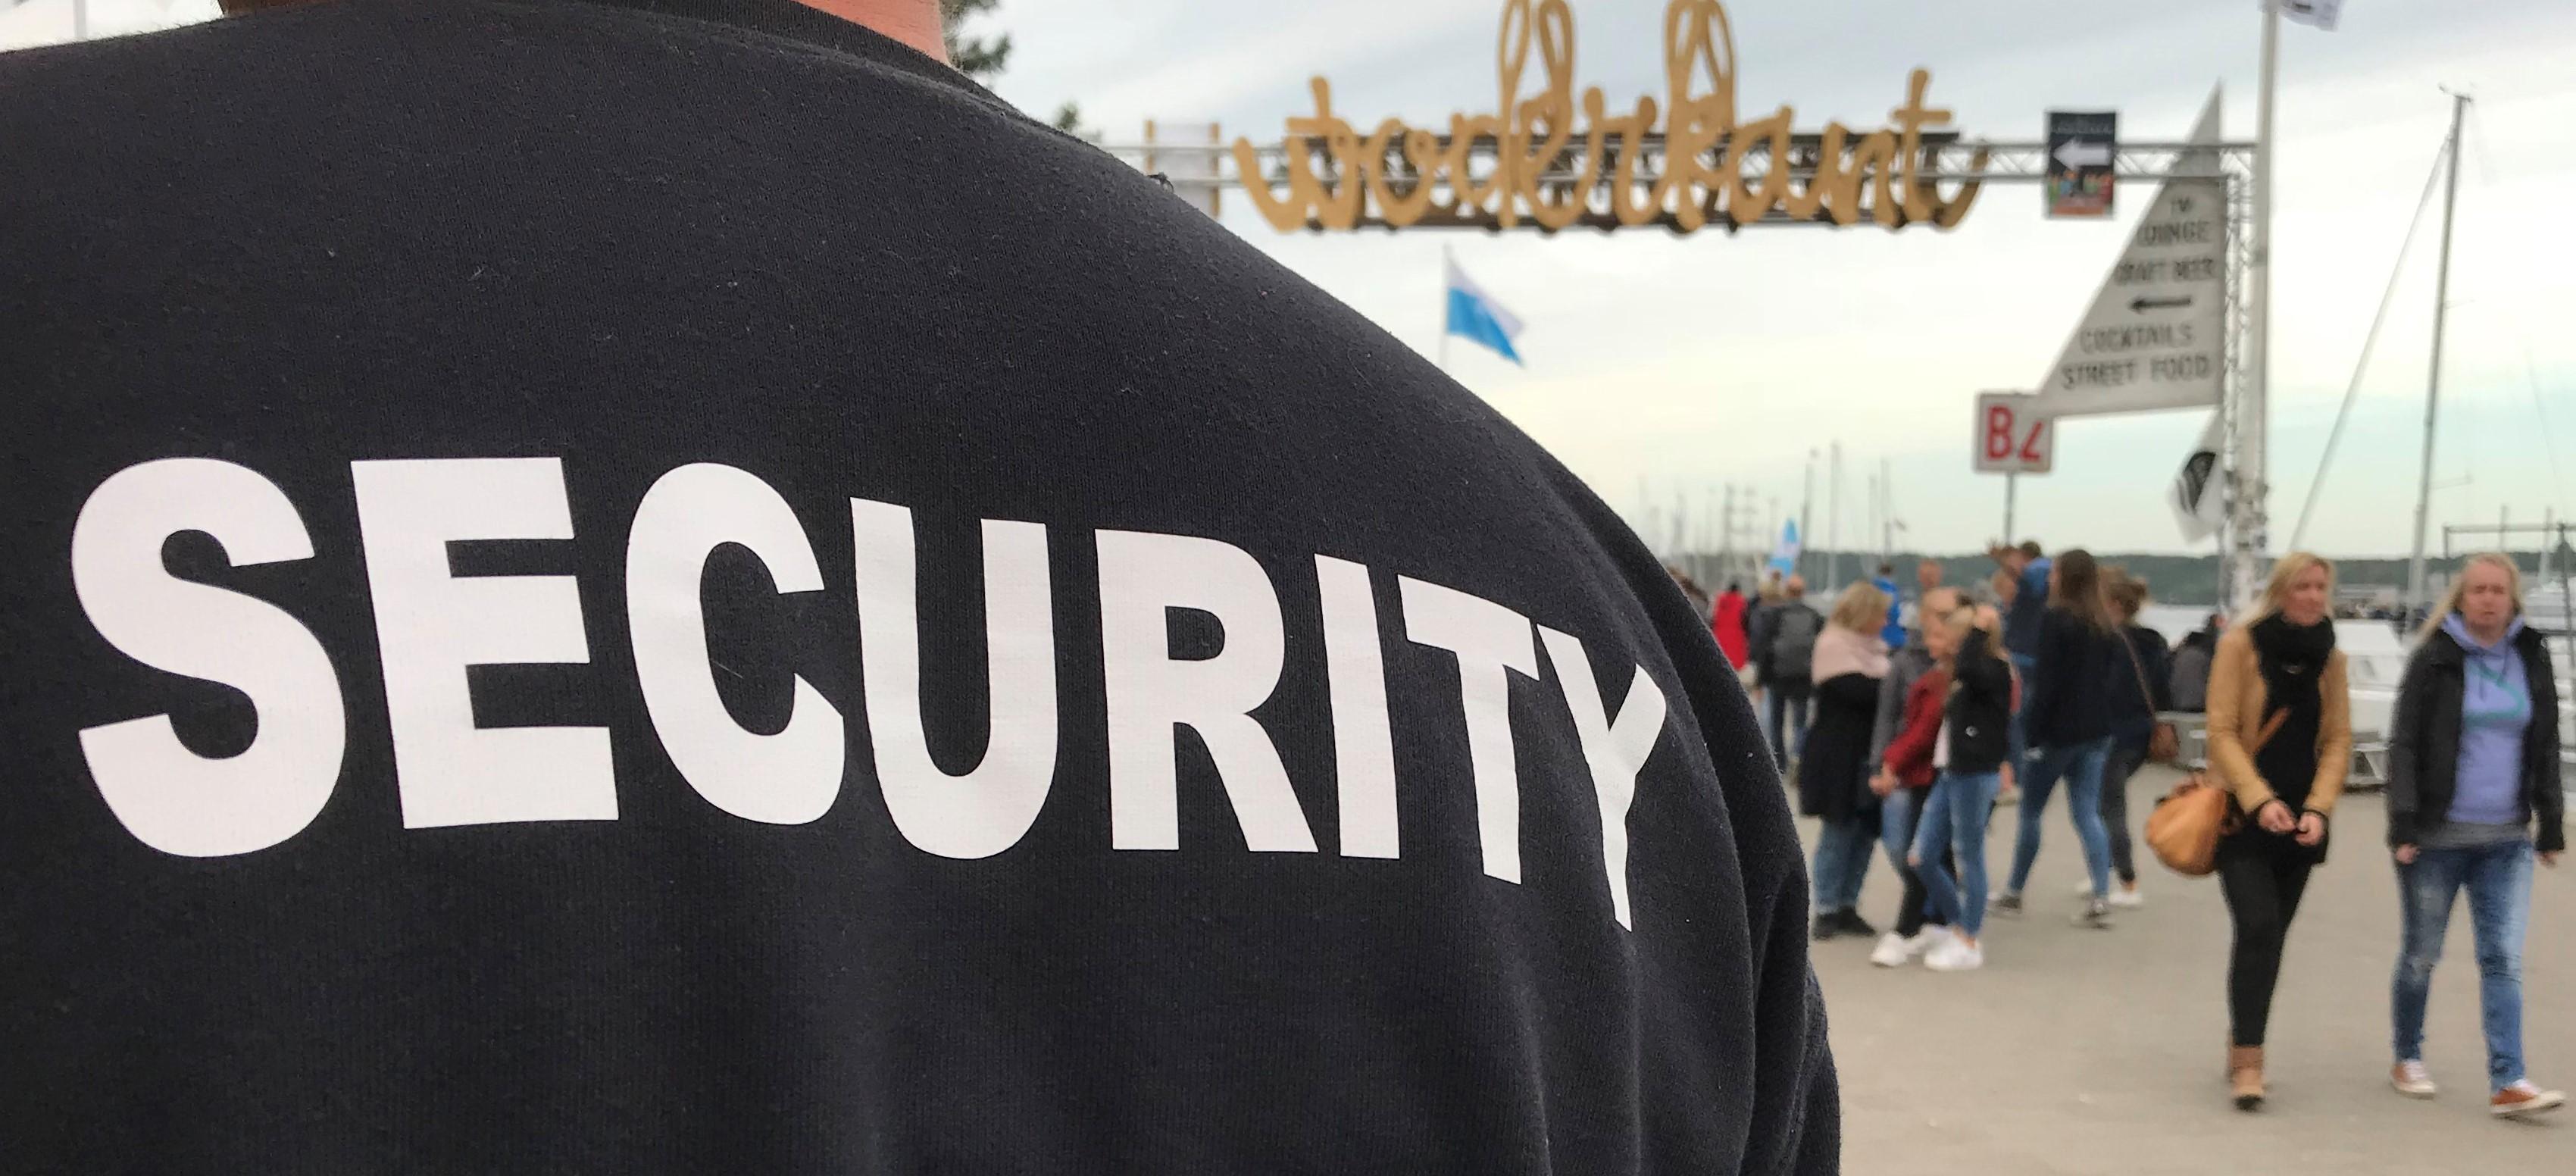 """Rücken eines Sicherheitsmitarbeiters im schwarzen Shirt mit """"SECURITY"""" in Großbuchstaben vor einem Durchgangstor bei der Kieler Woche. Auf dem Tor steht """"Waterkant"""" und Menschen laufen oder schlendern im Hintergrund umher."""